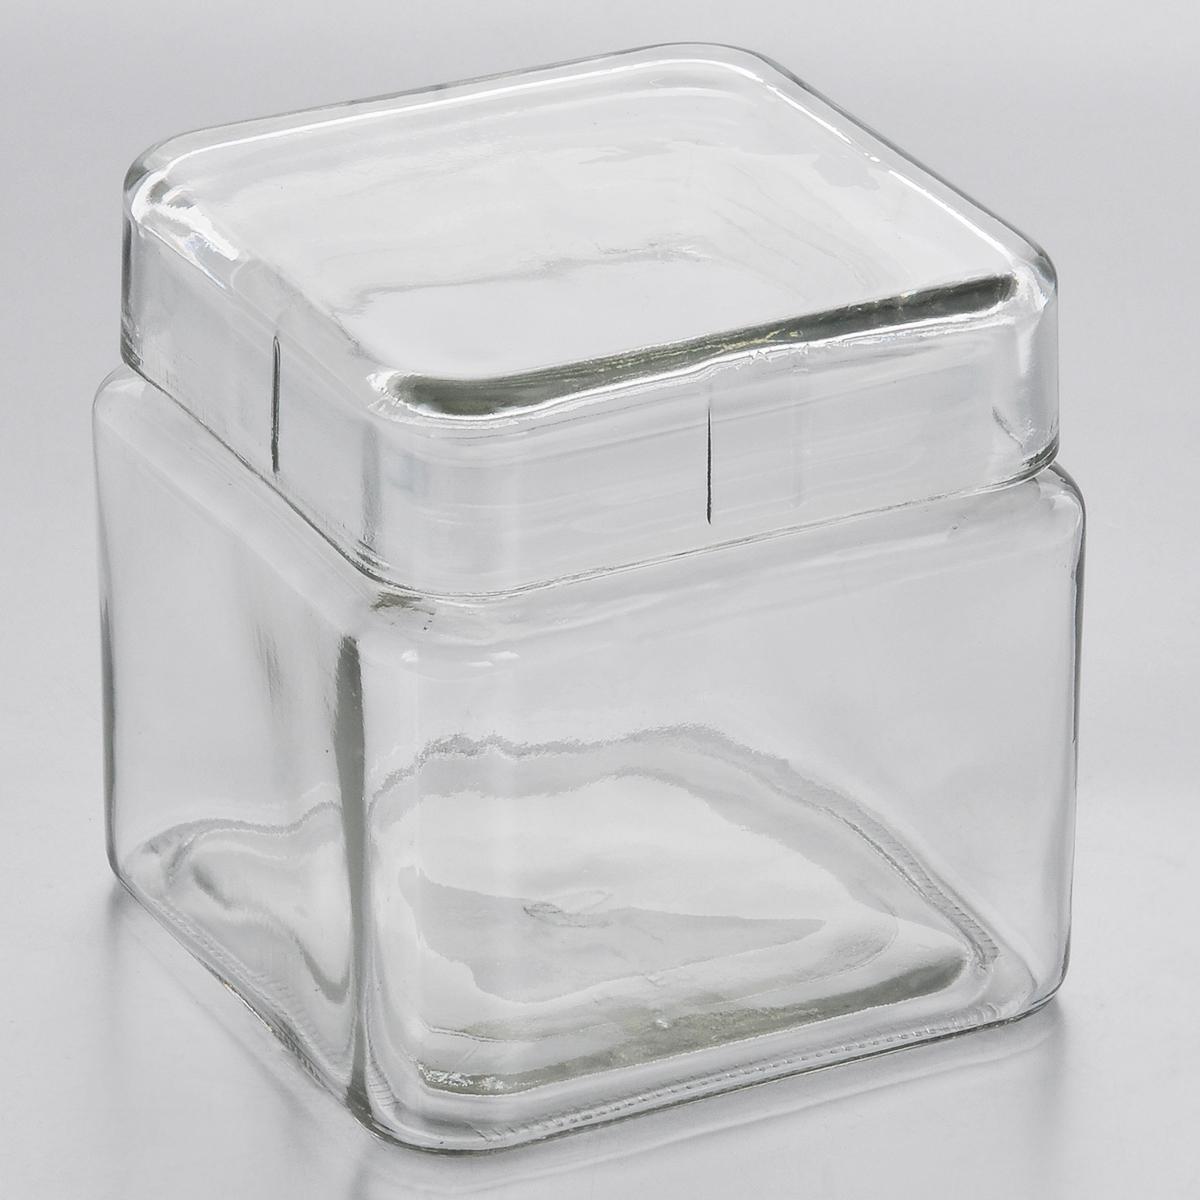 Емкость для хранения Esprado Cristella, 800 млC040801E405Емкость для хранения Esprado Cristella изготовлена из качественного прозрачного стекла, отполированного до идеального блеска и гладкости. Изделие имеет квадратную форму. Стекло термостойкое, что позволяет использовать емкость Esprado при различных температурах (от -15°С до +100°С). Это делает ее функциональным и универсальным кухонным аксессуаром. Емкость прекрасно подходит для хранения кофе, орехов, сахара, специй и других сыпучих продуктов. Крышка плотно закрывается и легко открывается благодаря силиконовой прослойке. Это обеспечивает герметичность и дольше сохраняет продукты свежими. Благодаря различным дизайнерским решениям такая емкость дополнит и украсит интерьер любой кухни. Емкости для хранения из коллекции Cristella разработаны на основе эргономичных дизайнерских решений, которые позволяют максимально эффективно и рационально использовать кухонные поверхности. Благодаря универсальному внешнему виду, они будут привлекательно смотреться в интерьере любой кухни. Емкости для хранения незаменимы на кухне: они помогают сохранить свежесть продуктов, защищают от попадания излишней влаги и позволяют эффективно использовать ограниченное кухонное пространство. Не использовать в духовом шкафу, микроволновой печи и посудомоечной машине.